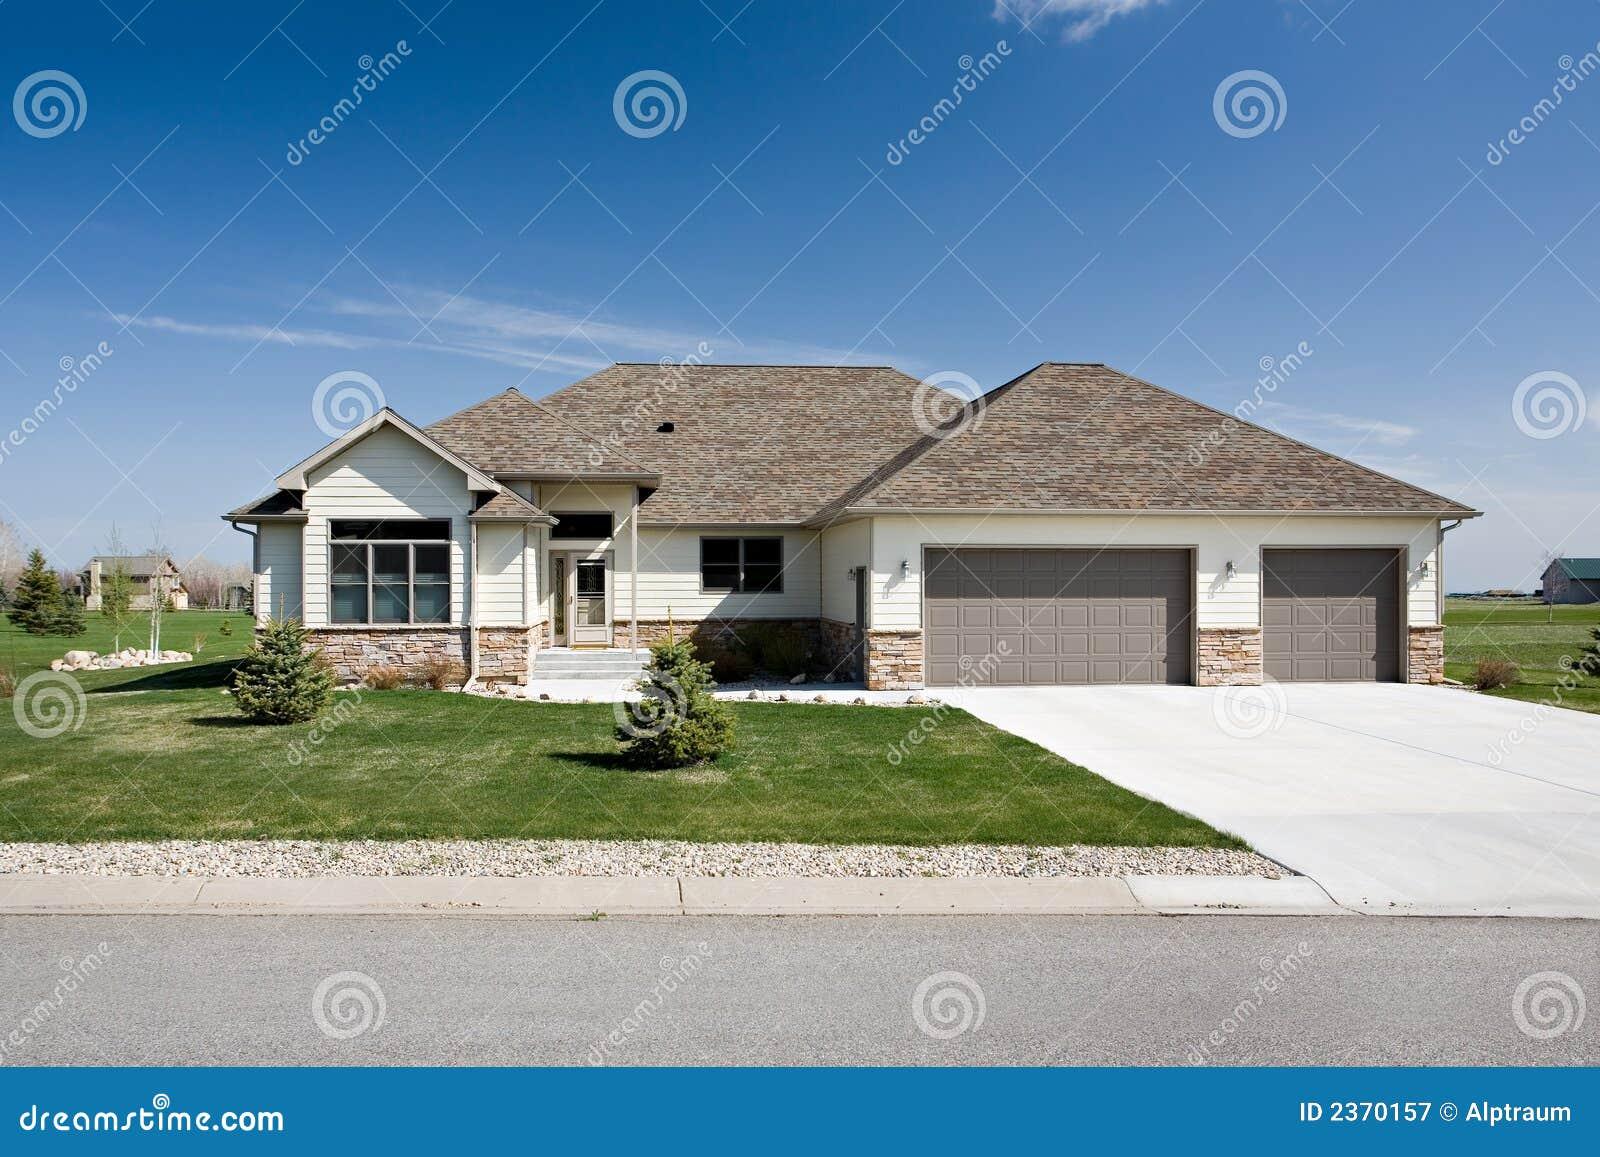 Nieuw amerikaans huis royalty vrije stock fotografie beeld 2370157 - Nieuw huis ...